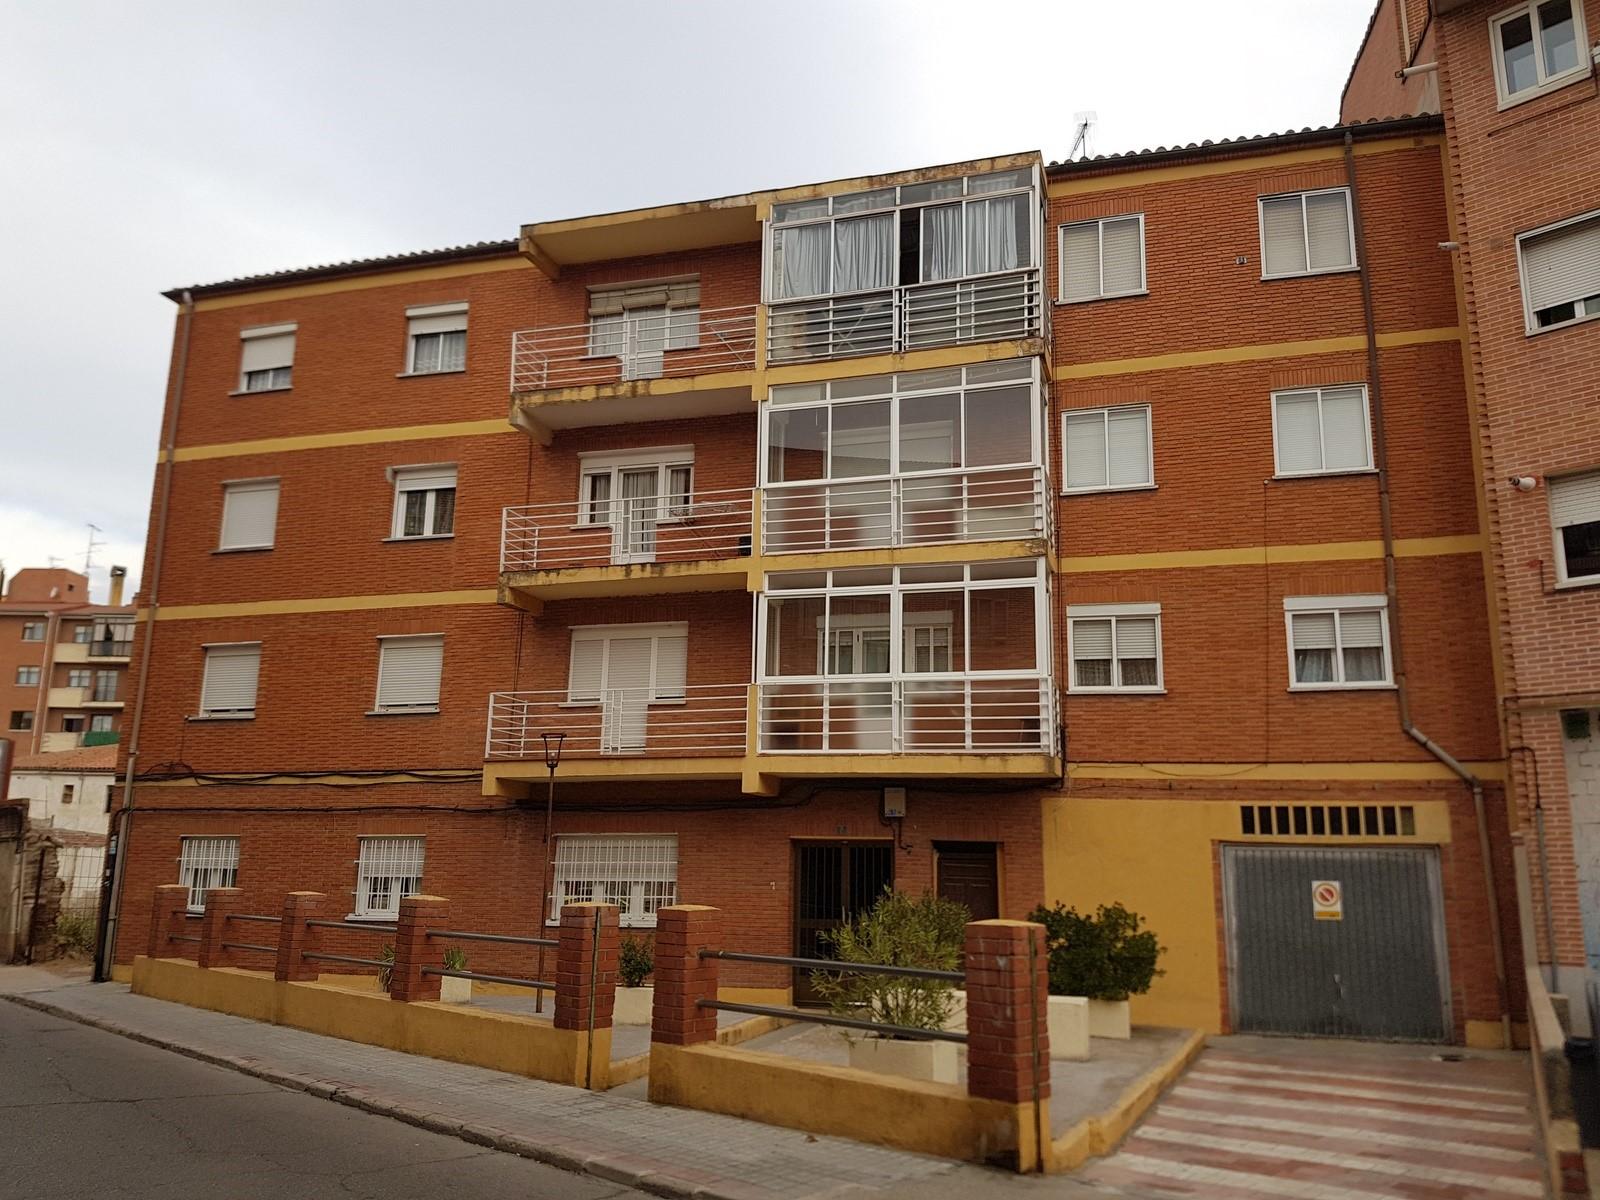 Piso en venta en Centro, Medina del Campo, Valladolid, Calle Rave, 36.293 €, 2 habitaciones, 1 baño, 77 m2